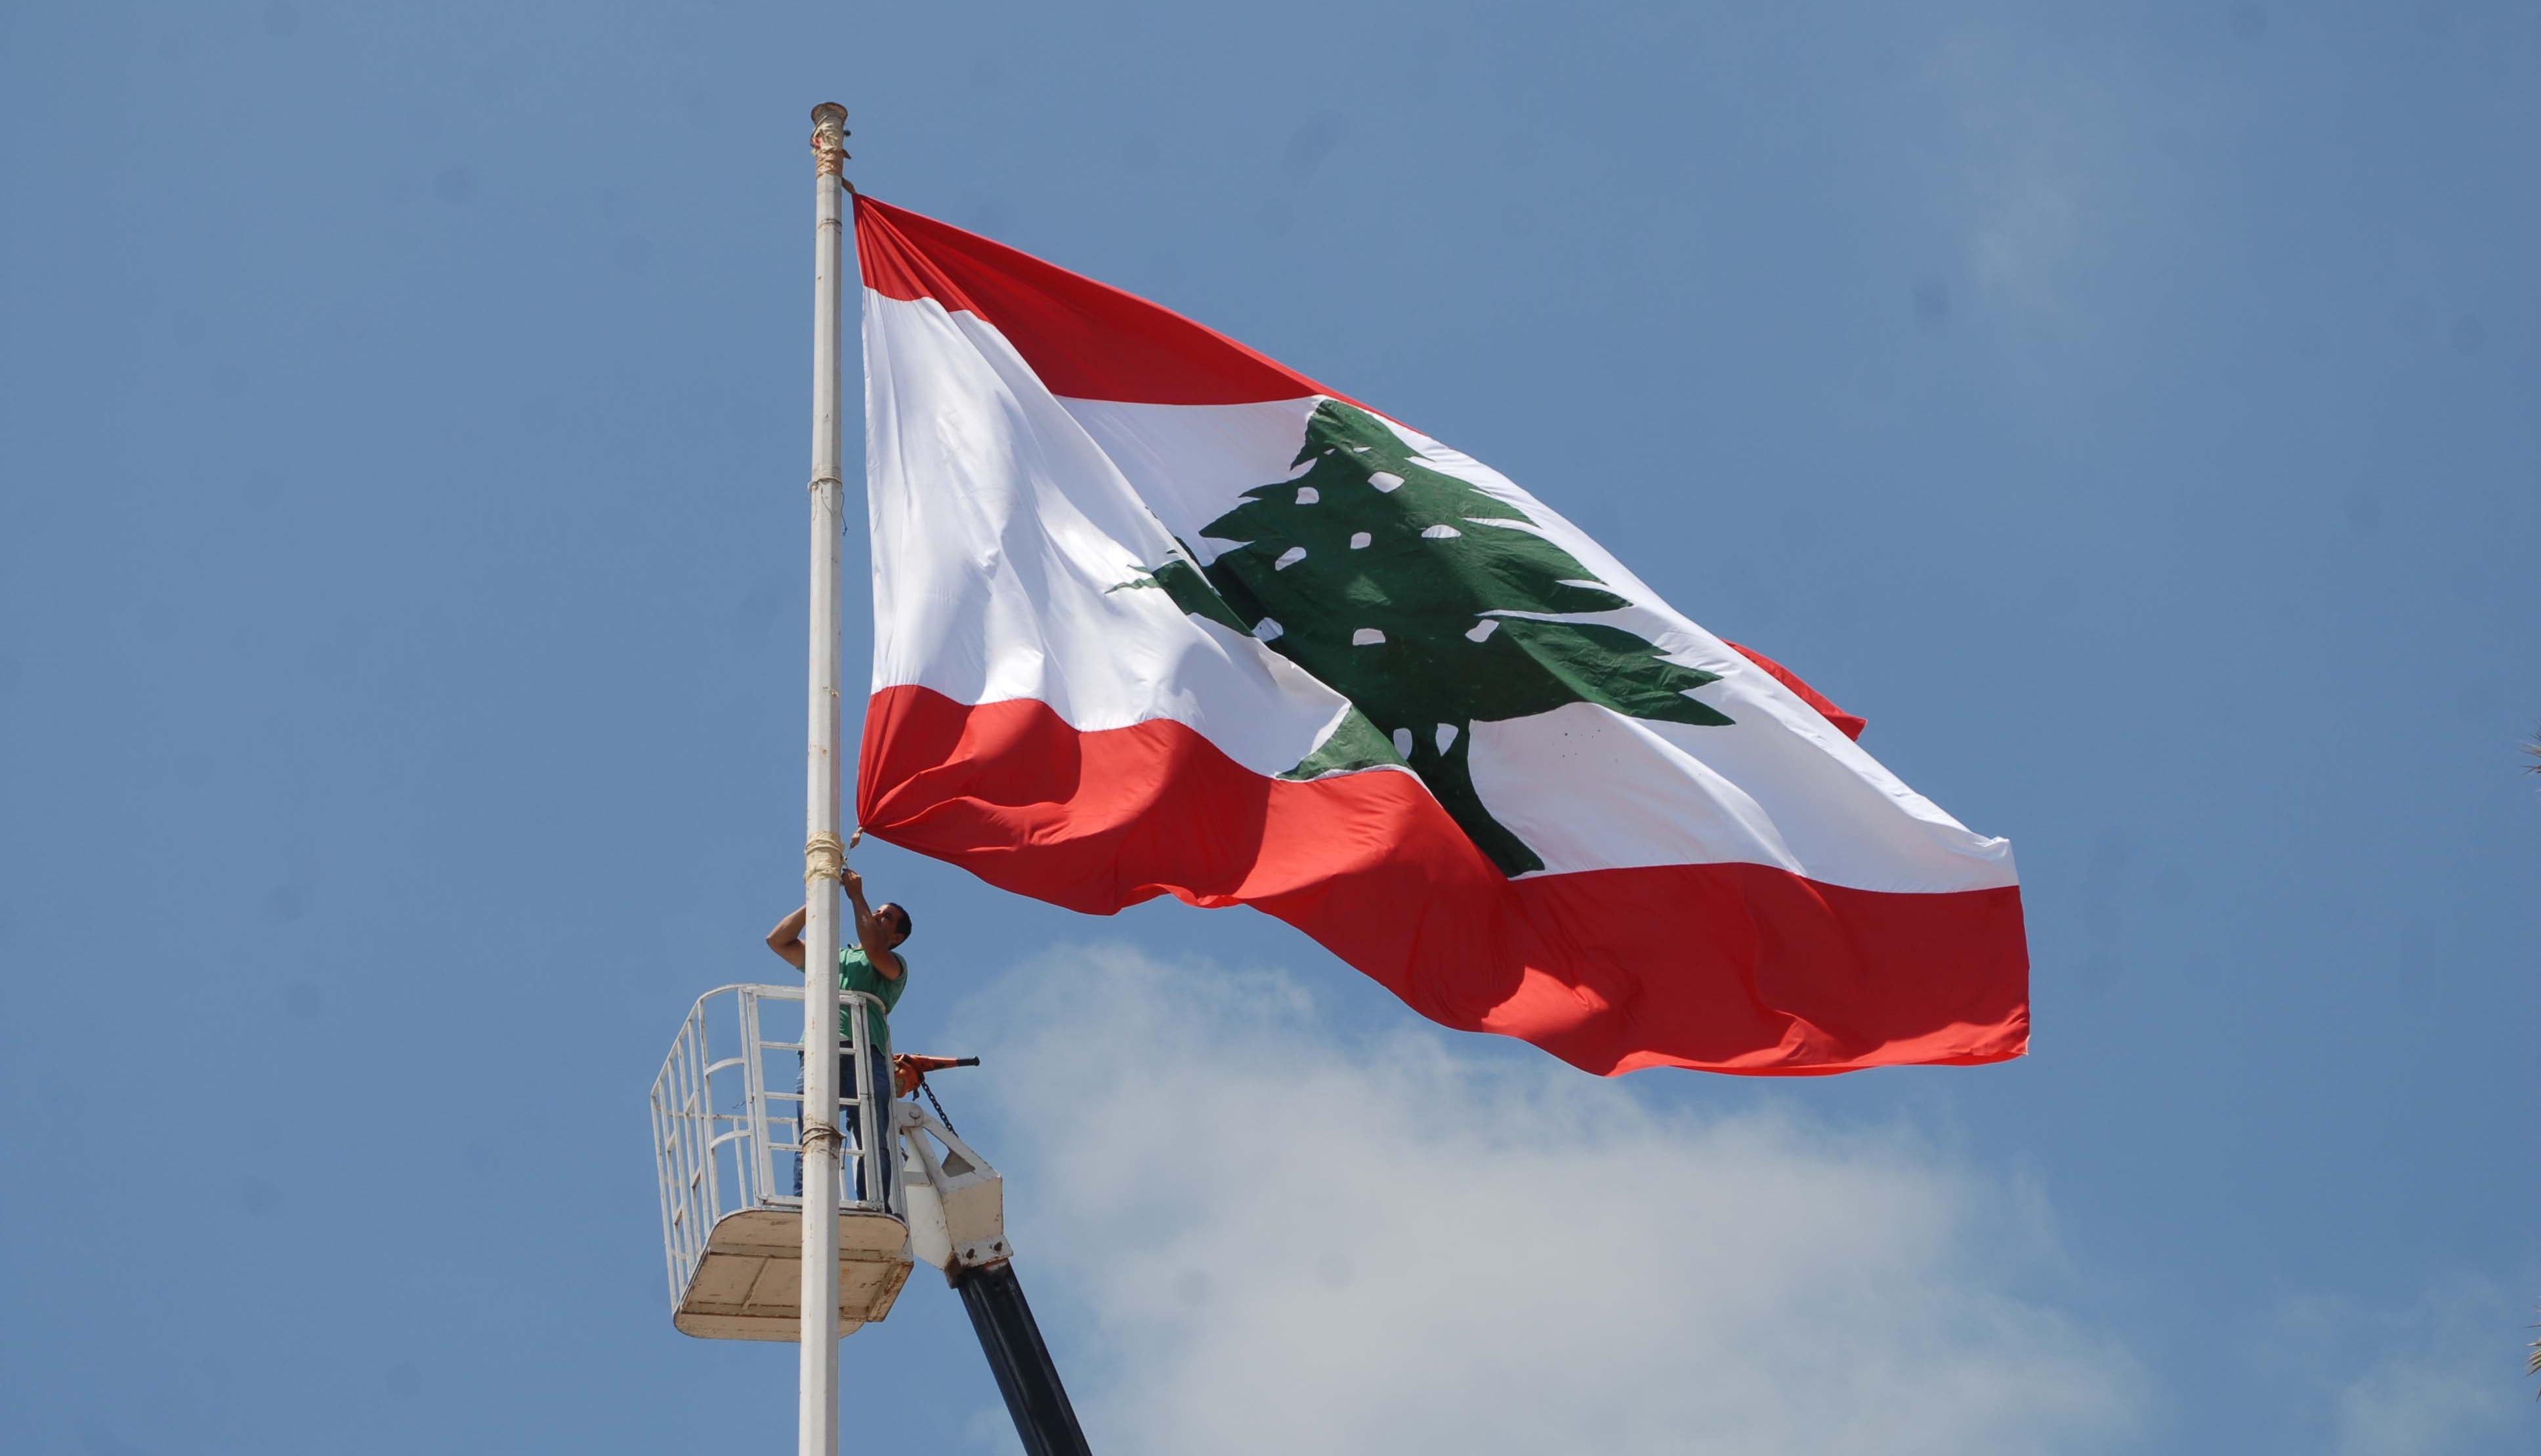 http://shbabbek.com/upload/معلومات عن لبنان.. دولة بدون صحراء تضم تركيبة طائفية معقدة